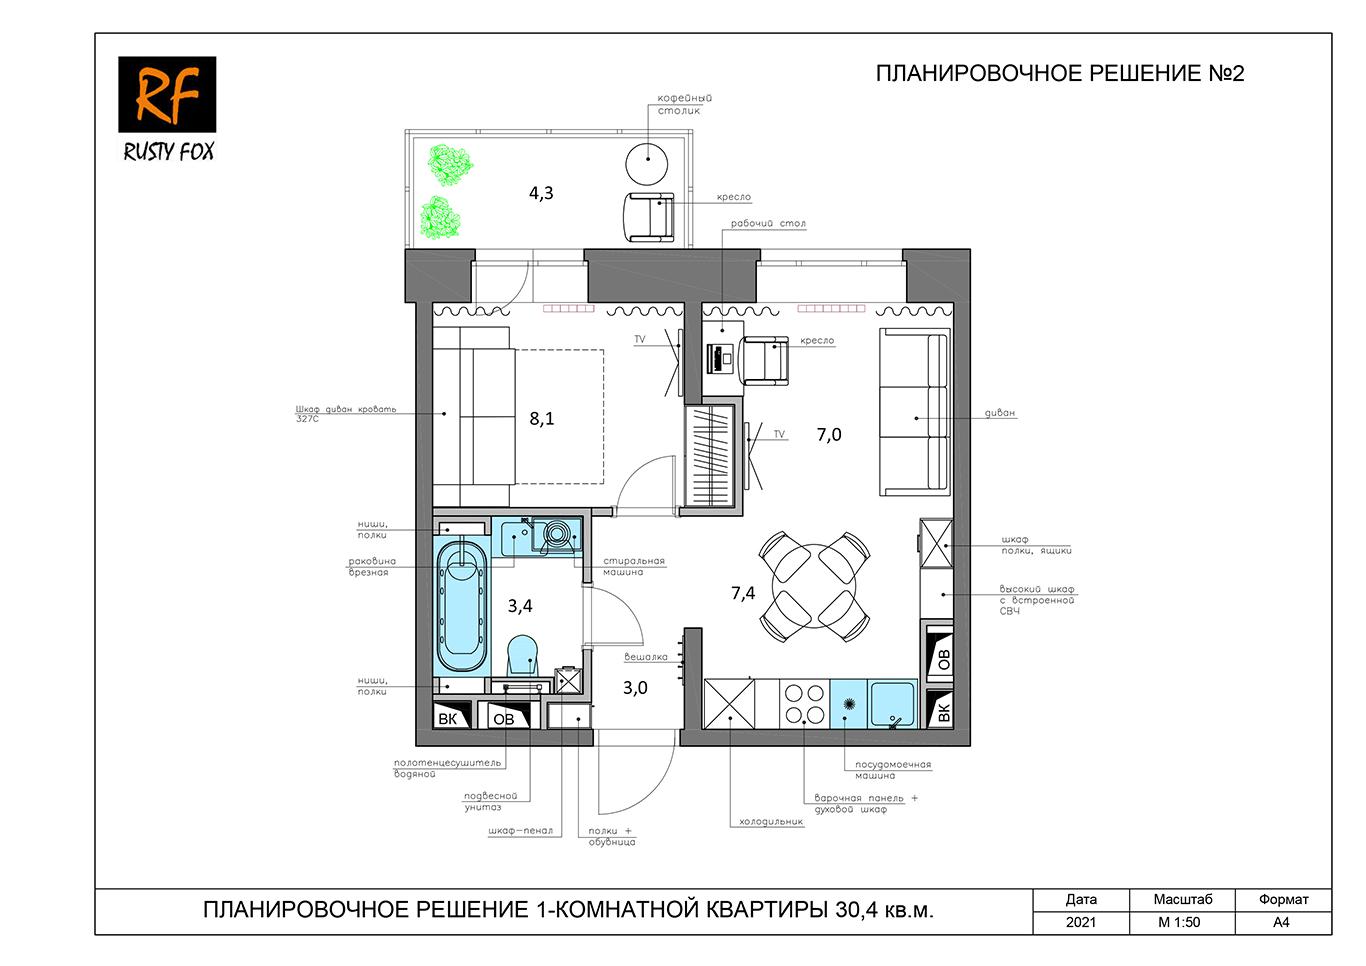 ЖК Люберцы корпус 52, секция 2. Планировочное решение №2 1-комнотной квартира 30,4 кв.м.